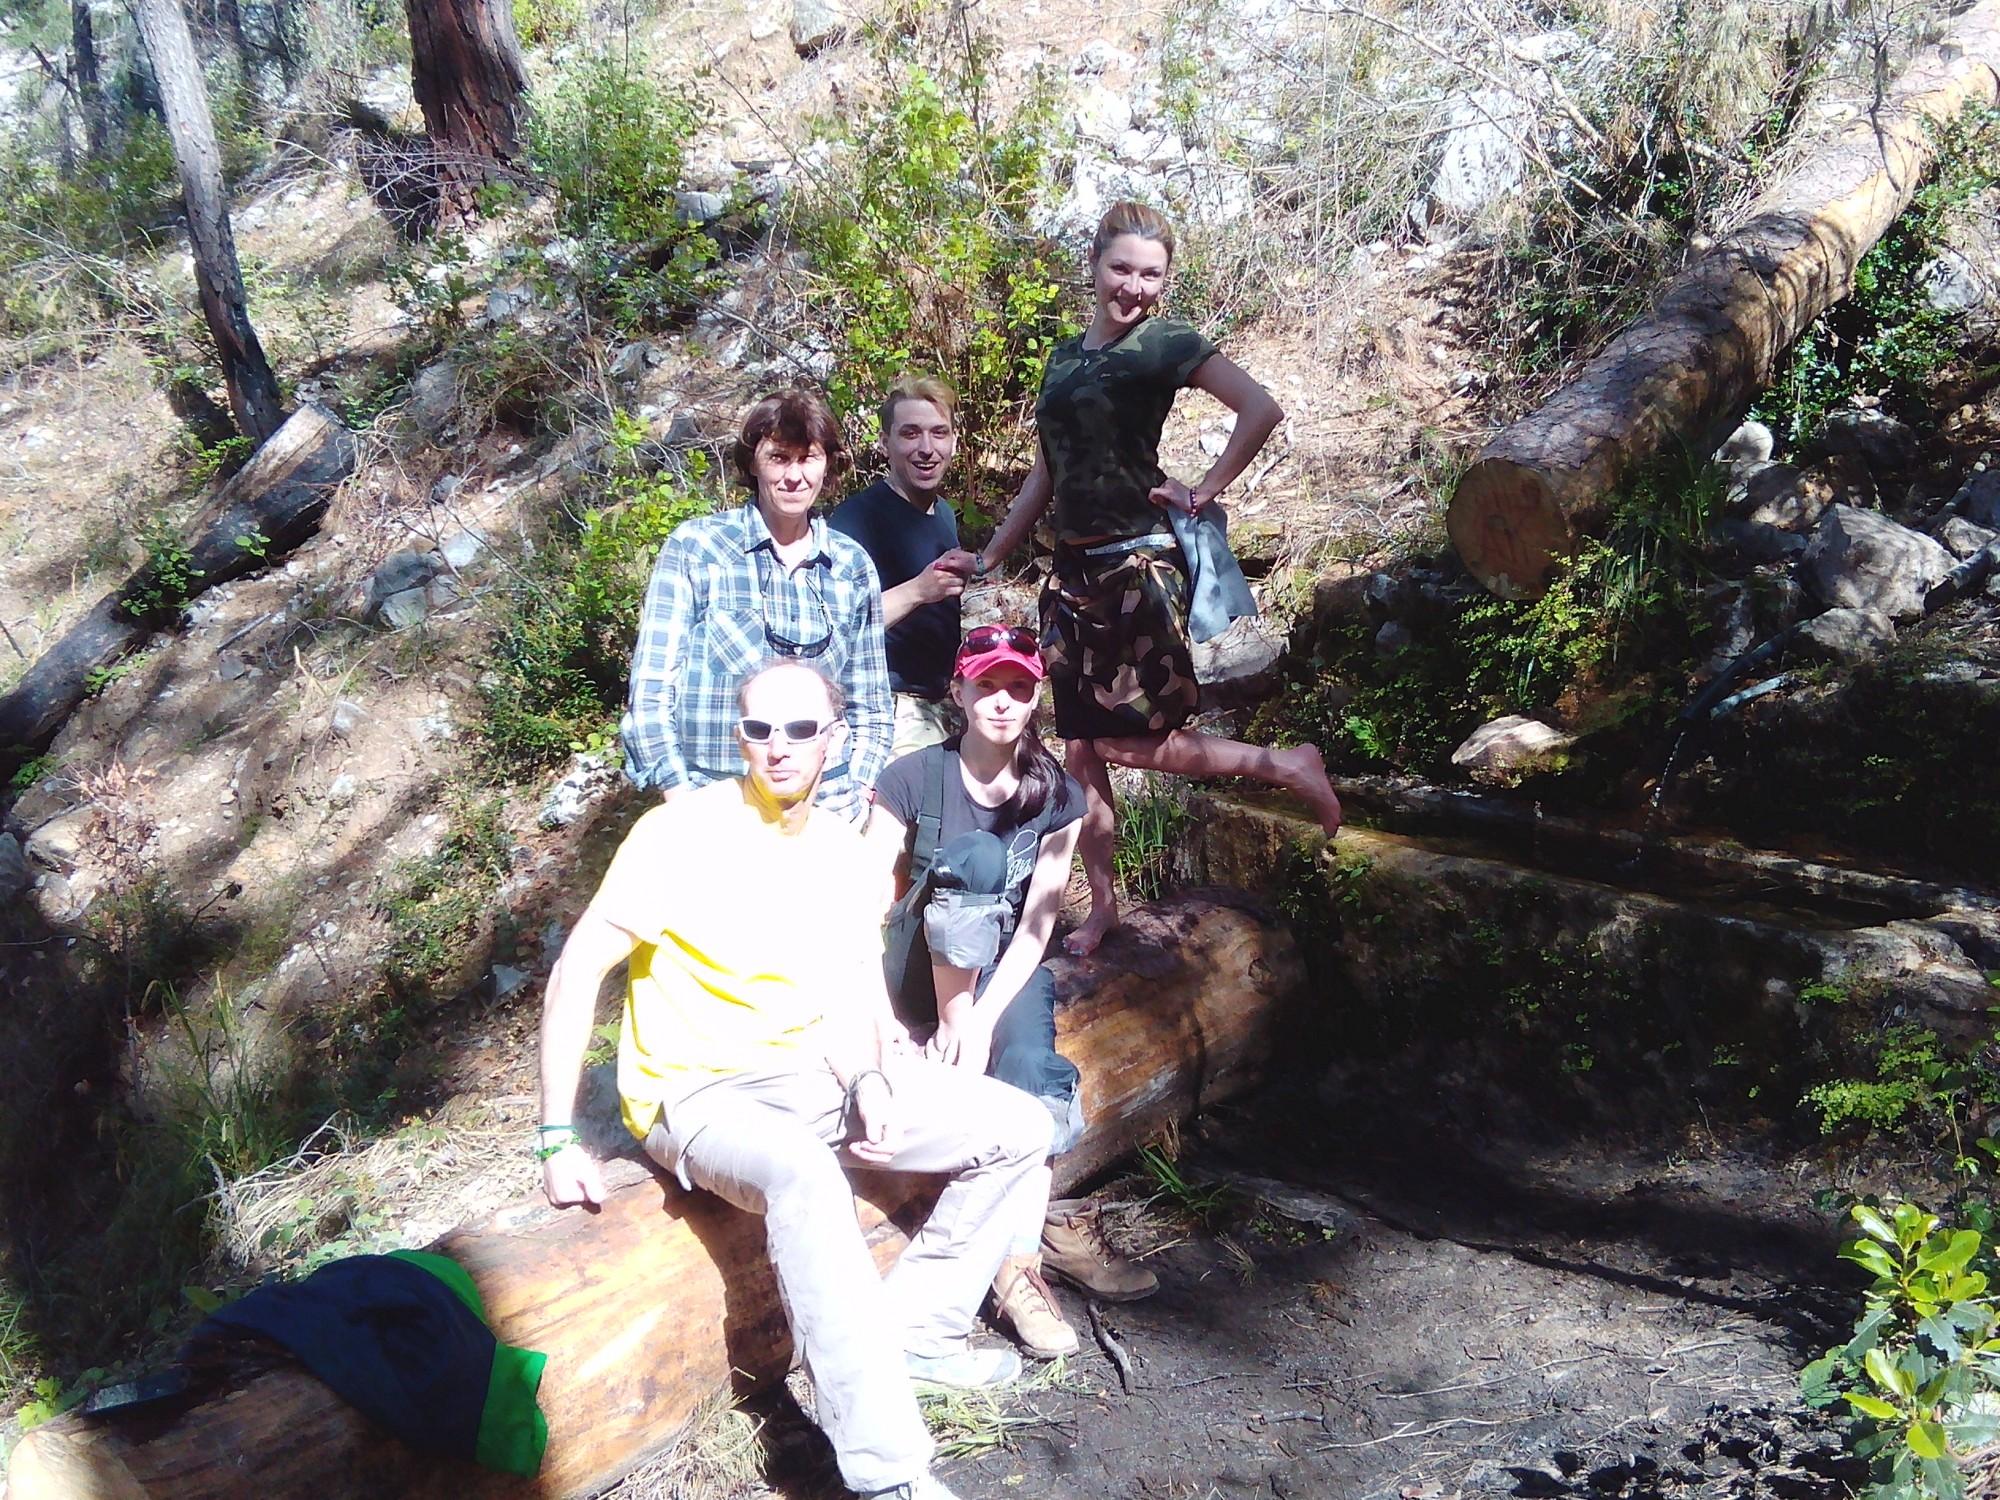 My angels who helped me on the trail: Vadik, Daria, Nadya, Kerell and Elena.